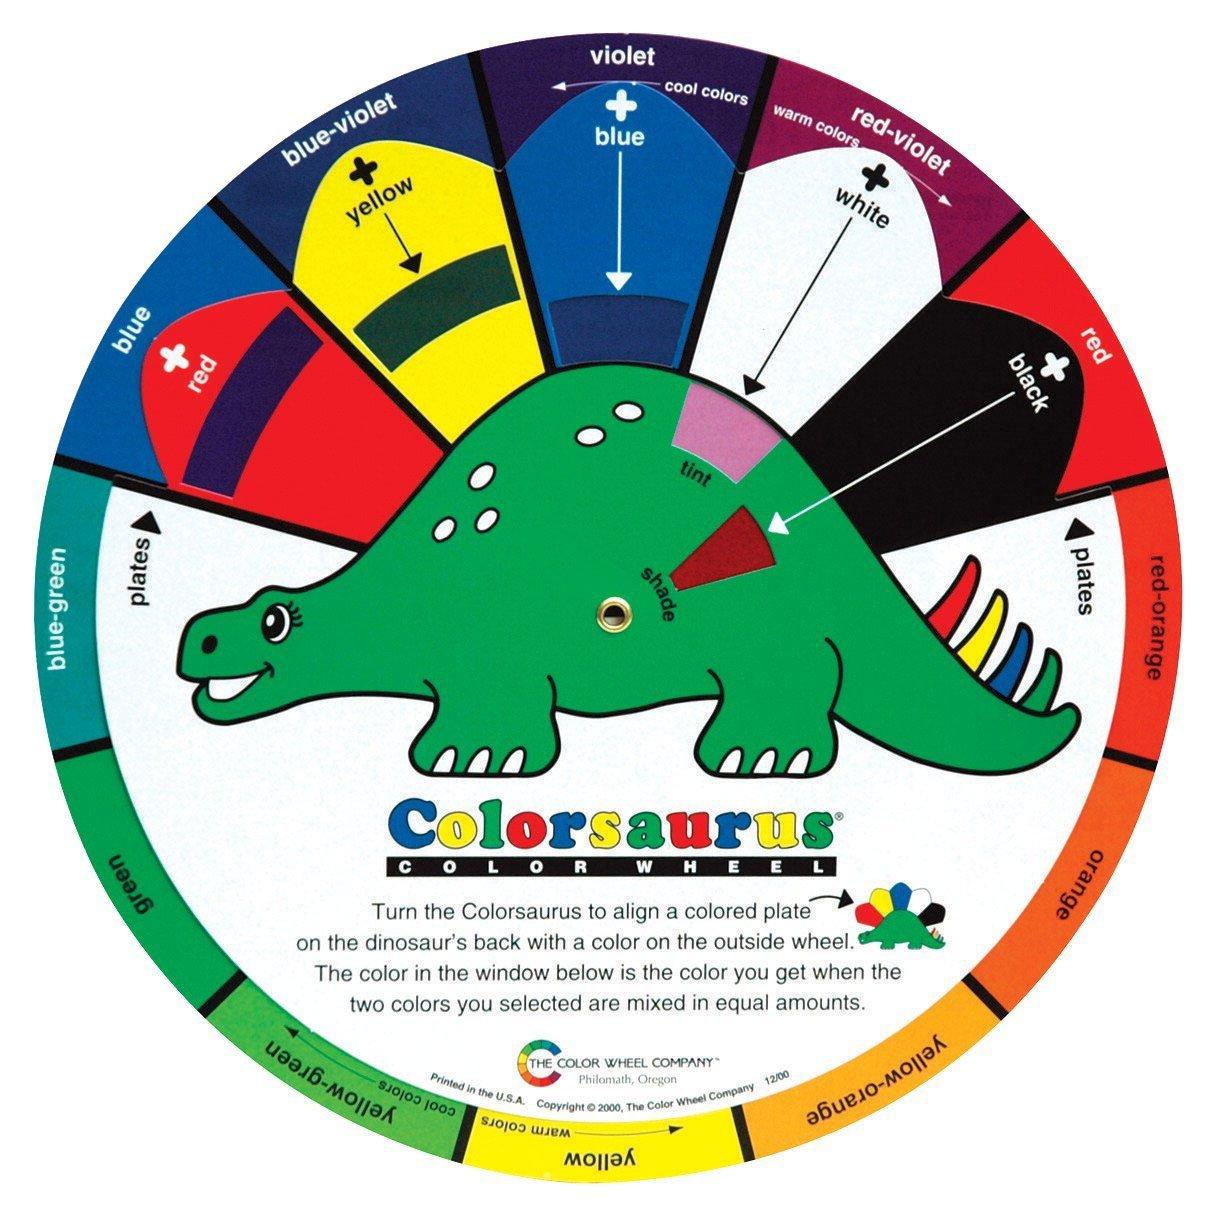 Amazon.com: Color Wheel Colorsaurus Children Color Wheel, 9-1/4 in ...